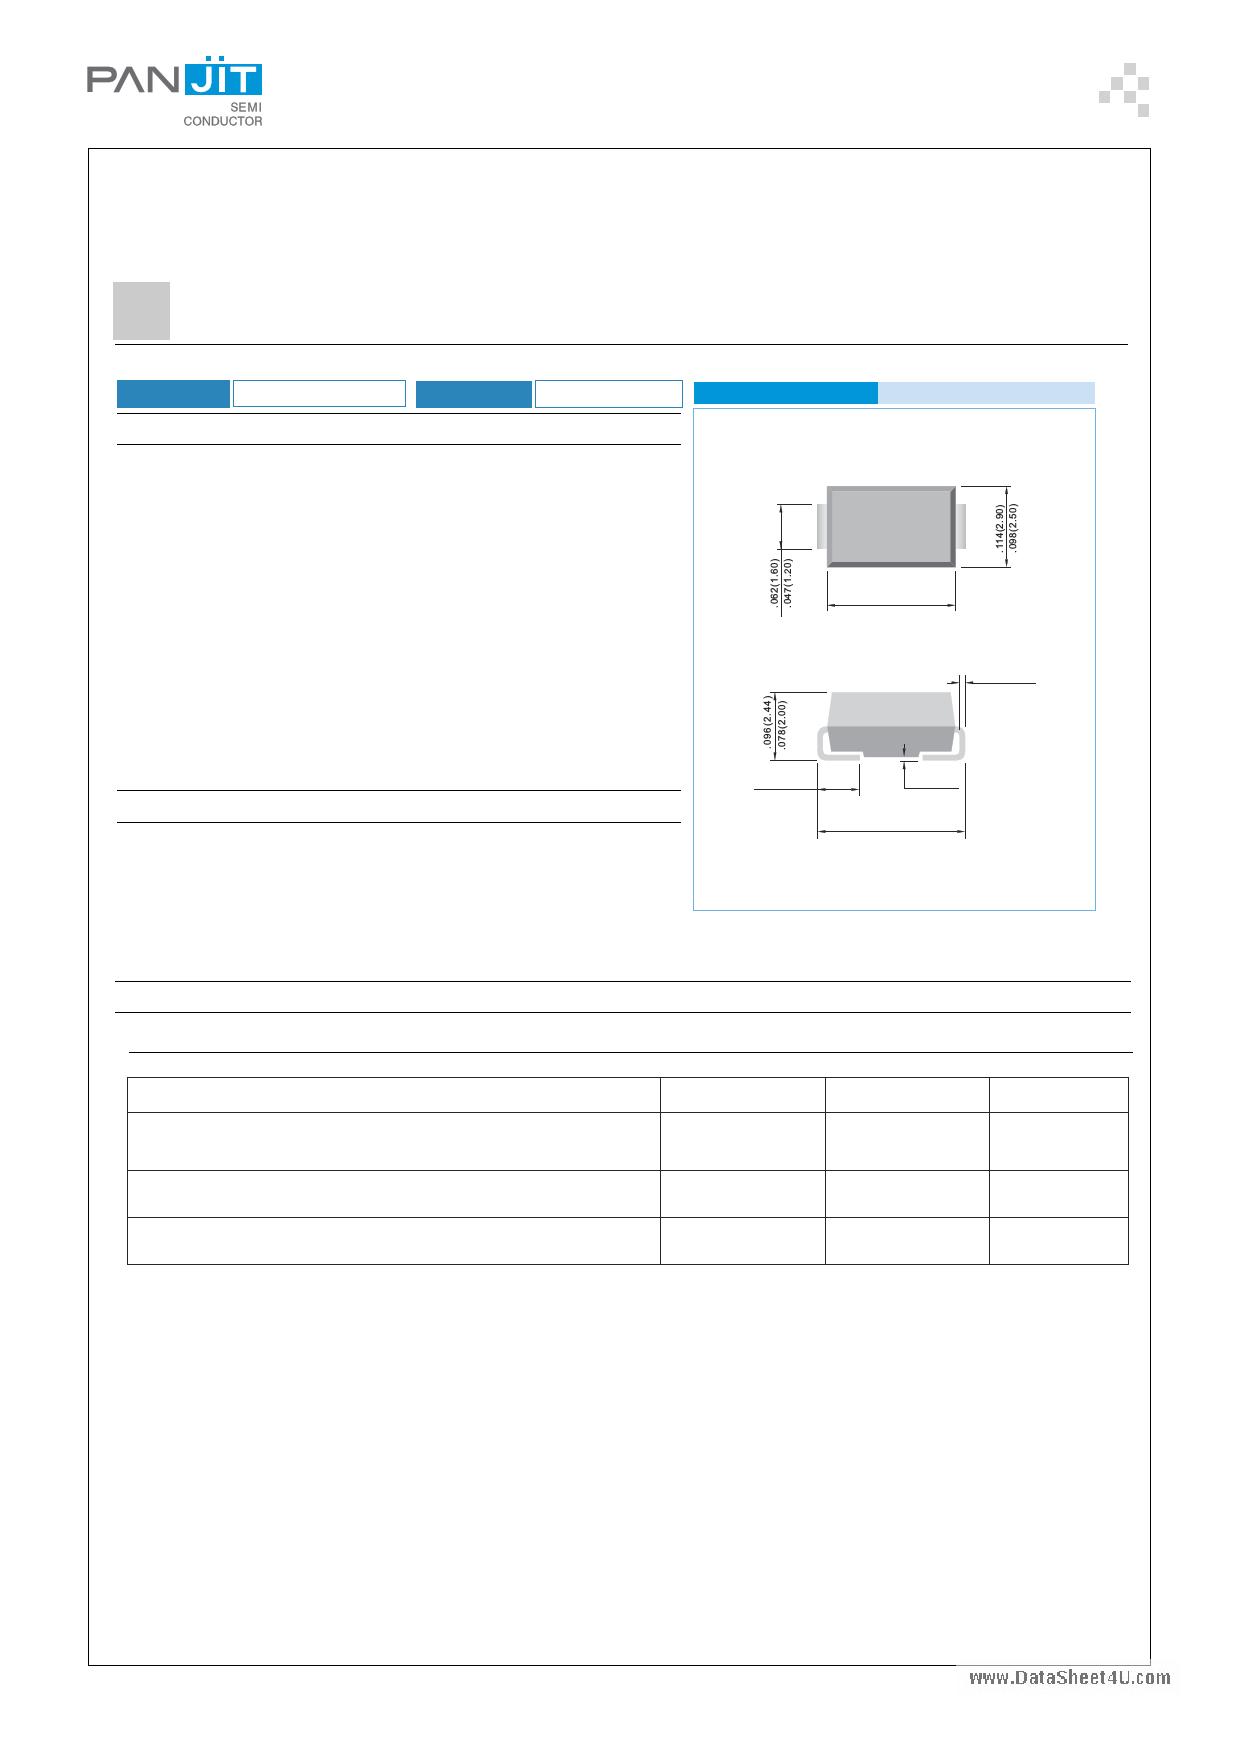 1SMA4737 datasheet